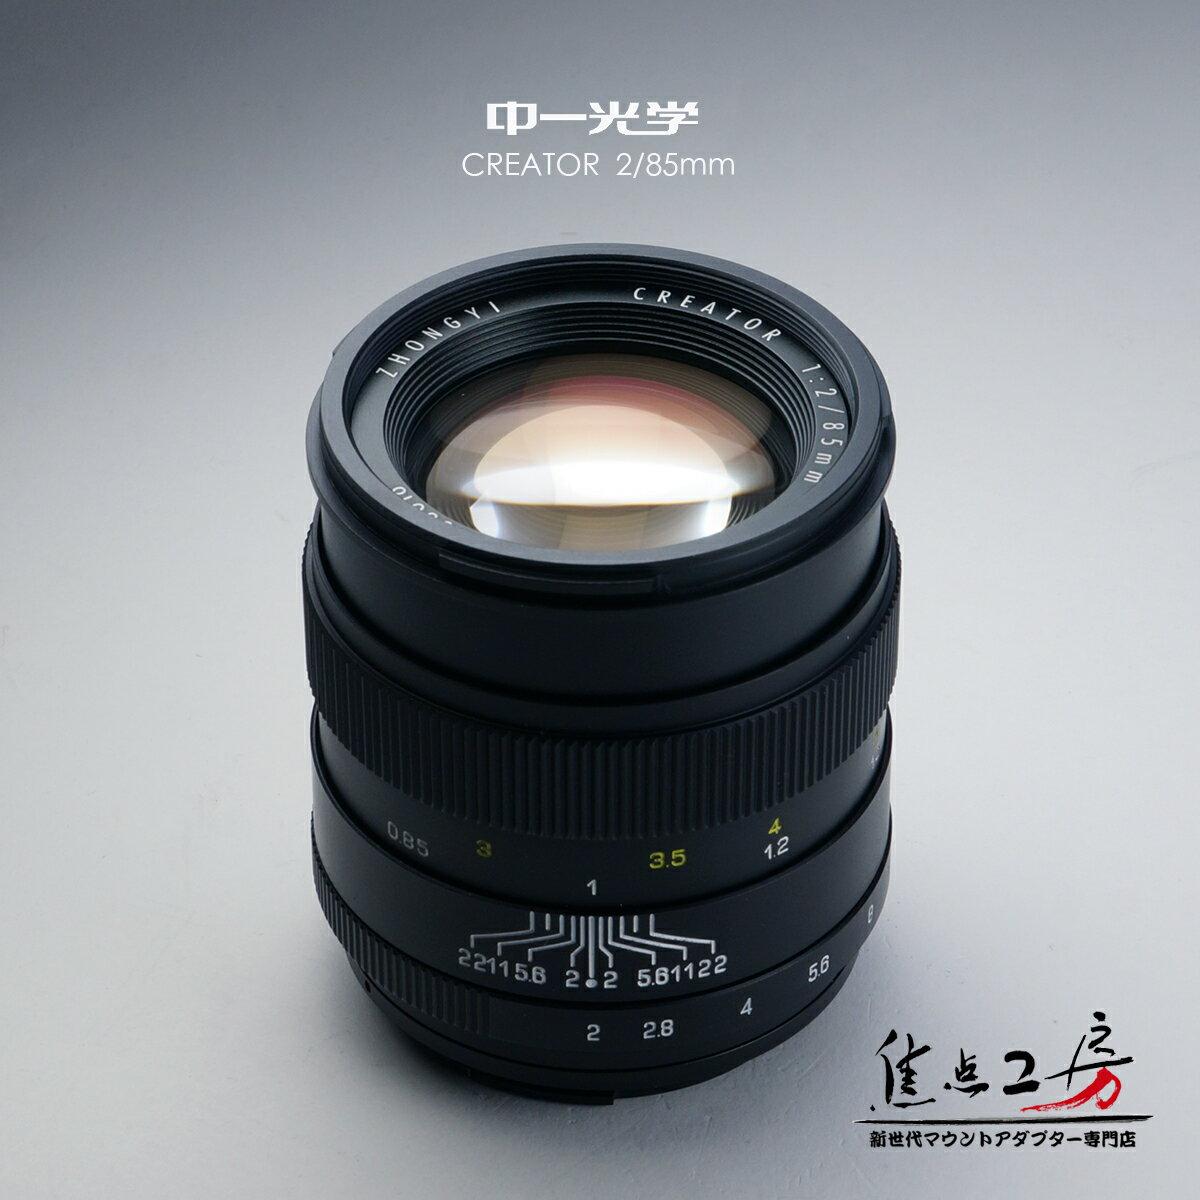 カメラ・ビデオカメラ・光学機器, カメラ用交換レンズ ZHONG YI OPTICS CREATOR 85mm F2.0 -